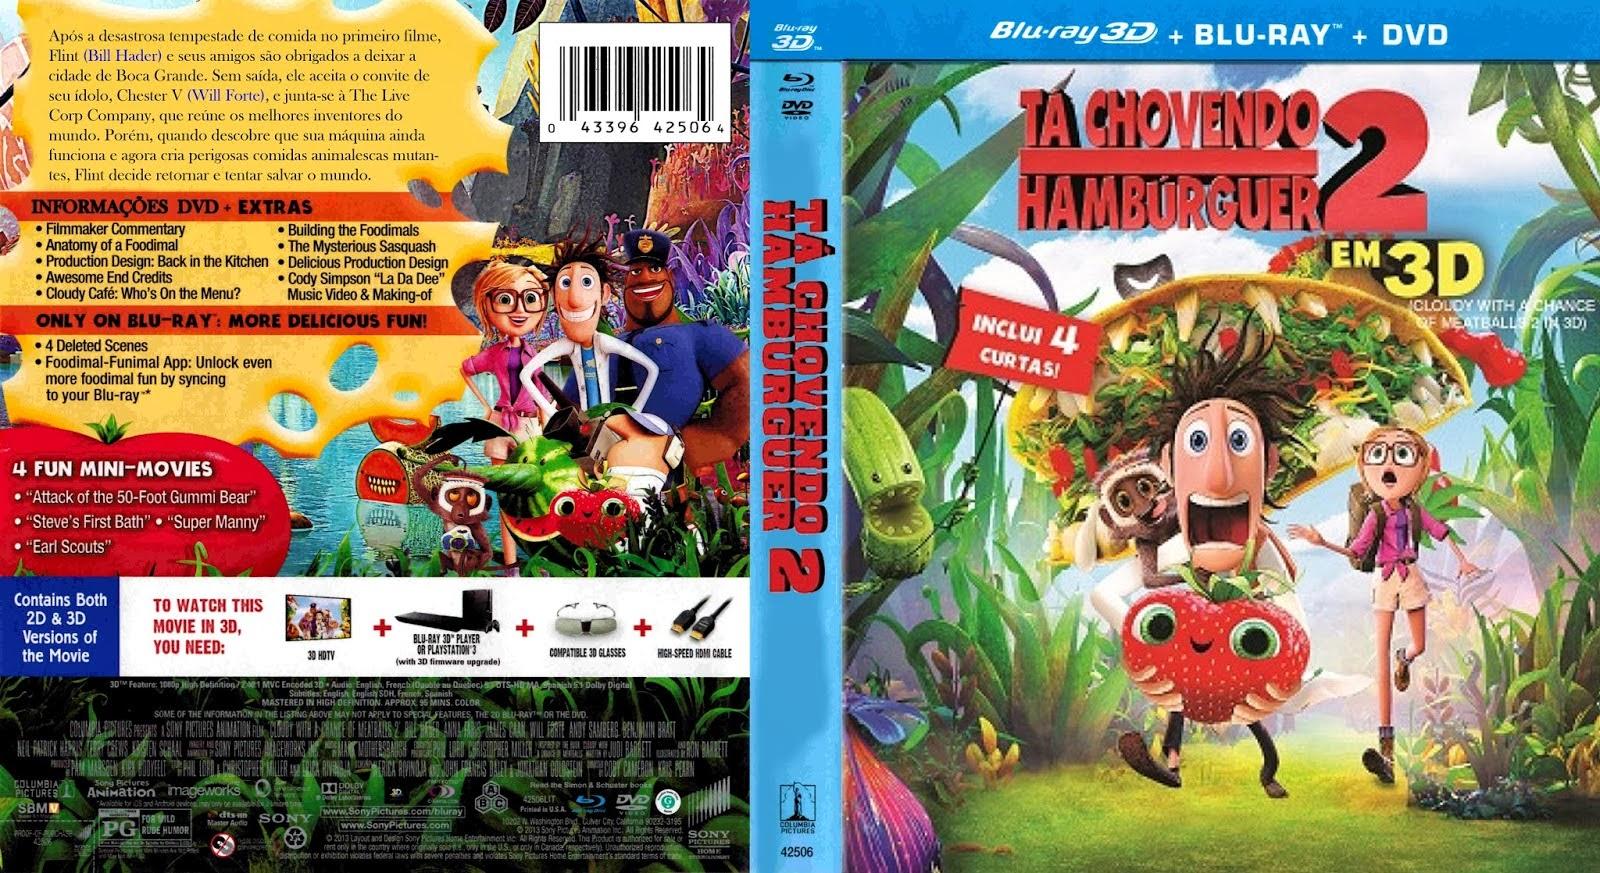 Filme Ta Chovendo Hamburguer Dublado Completo throughout capas filmes animação: maio 2014